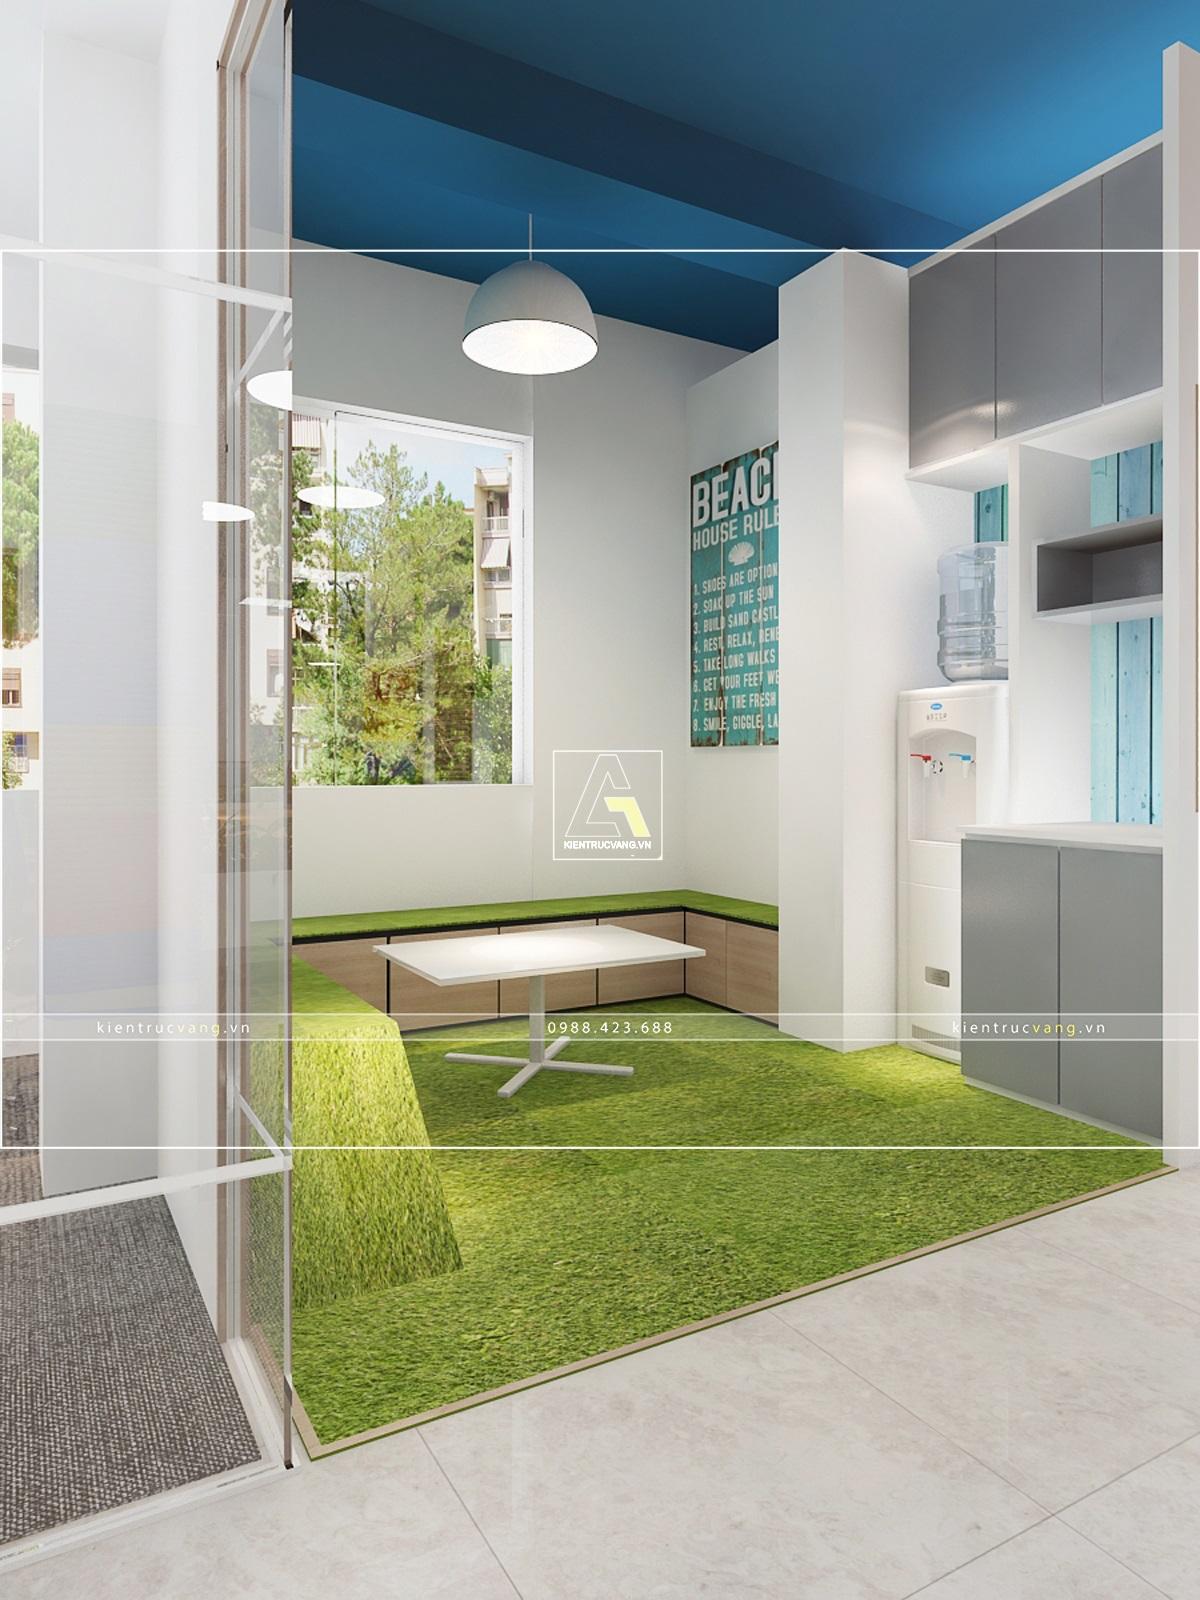 thiết kế nội thất Văn Phòng tại Hà Nội Thiết kế nội thất văn phòng Adcoffee cơ sở 2 Hà Nội 1 1530874036